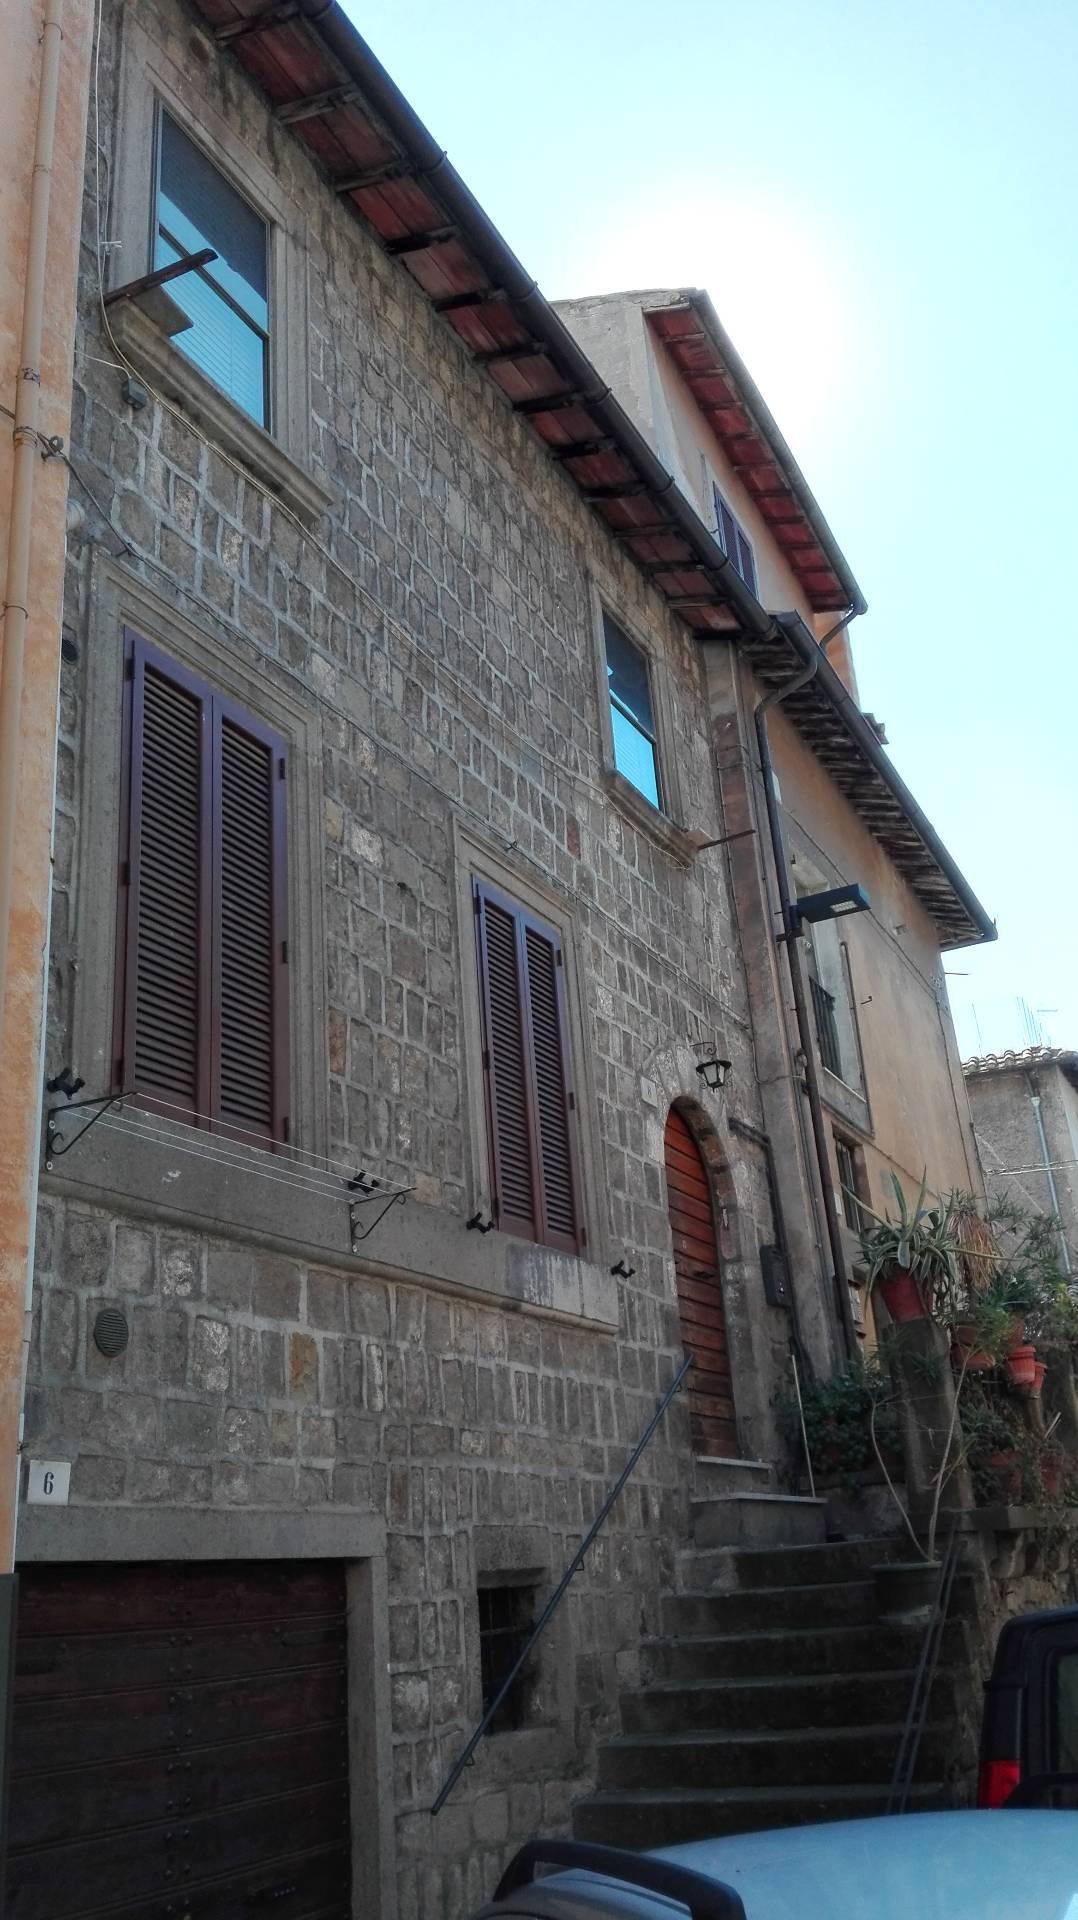 Appartamento in vendita a Viterbo, 3 locali, zona Zona: Centro, prezzo € 45.000 | Cambio Casa.it